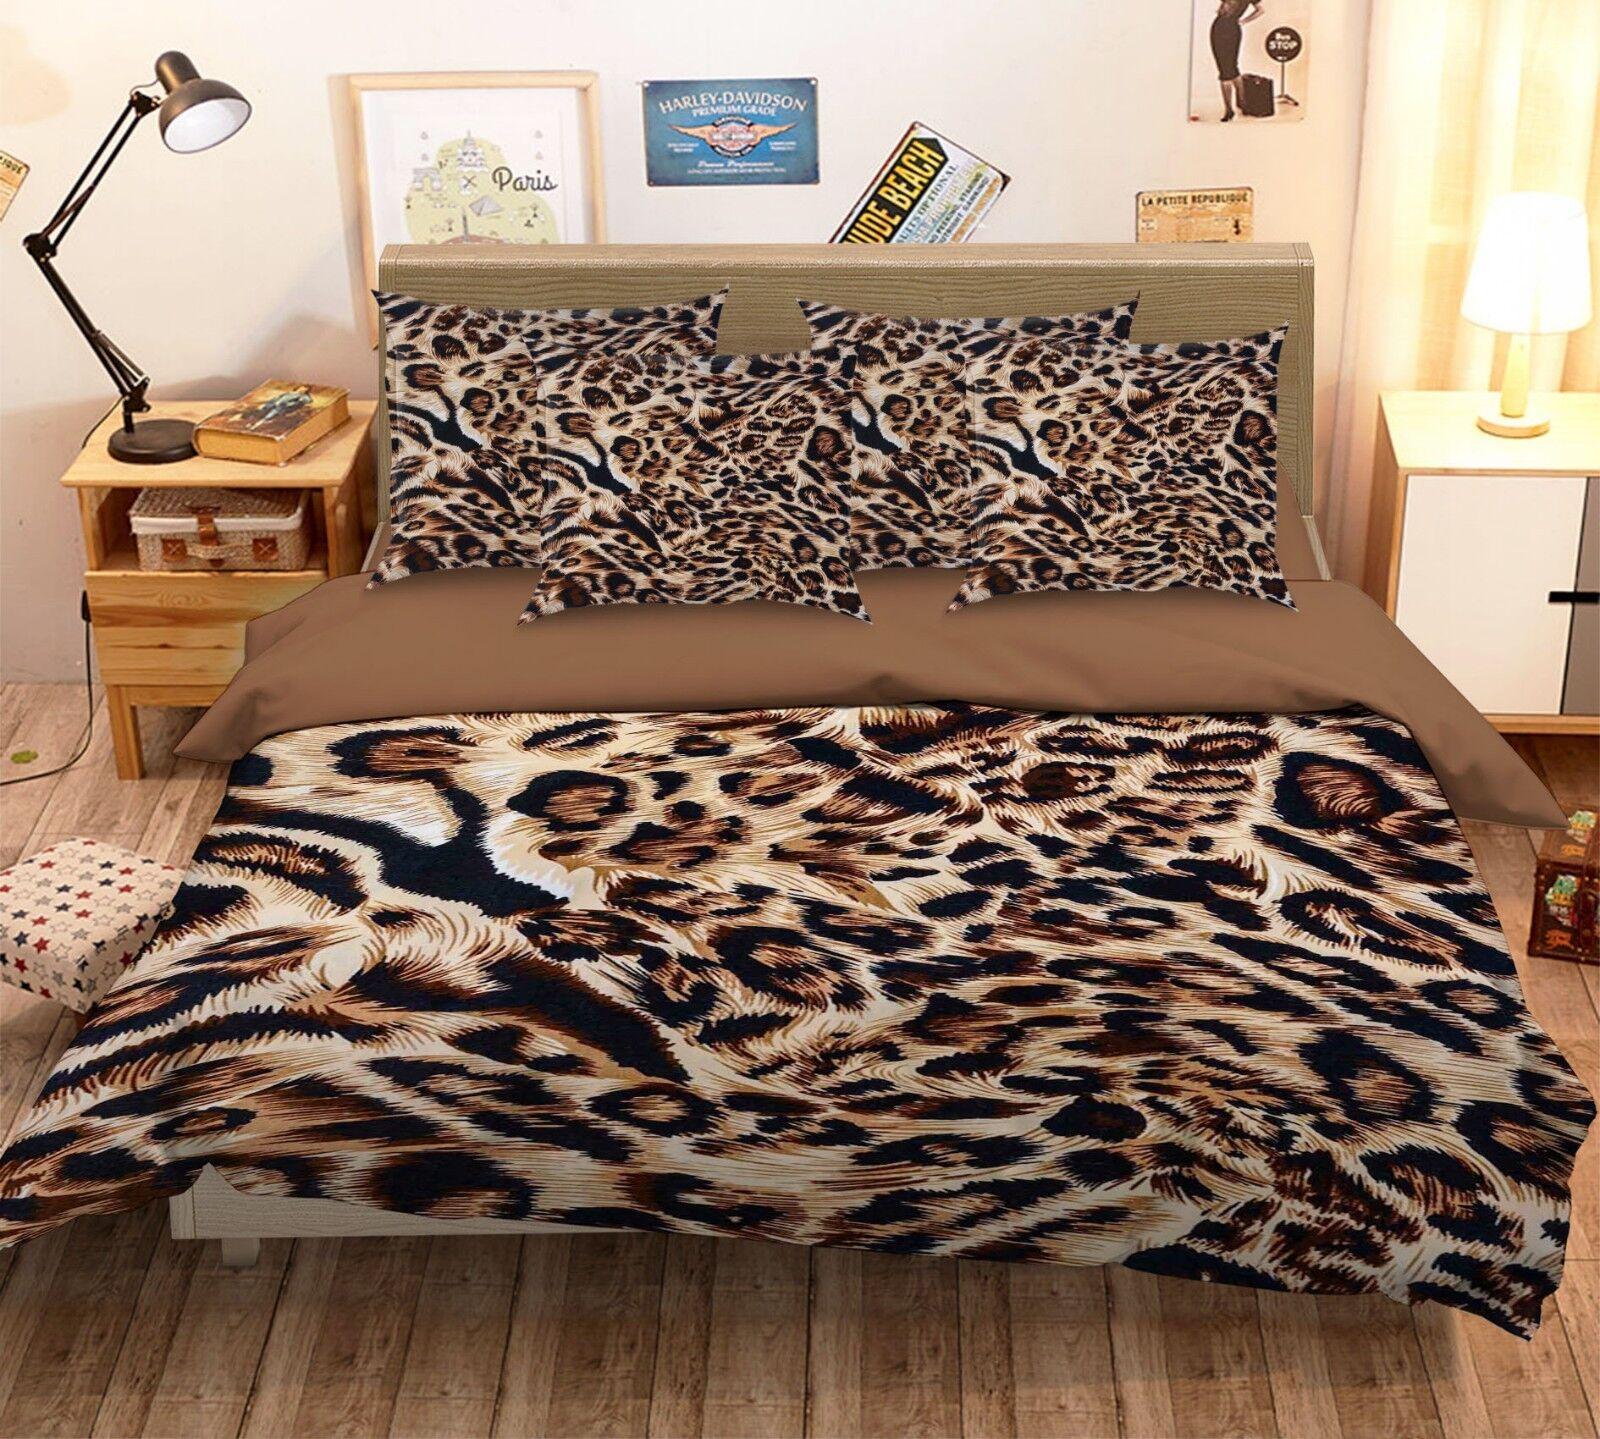 3D Imprimé Léopard 326 lit d'oreiller couette couette Single Queen roi nous été